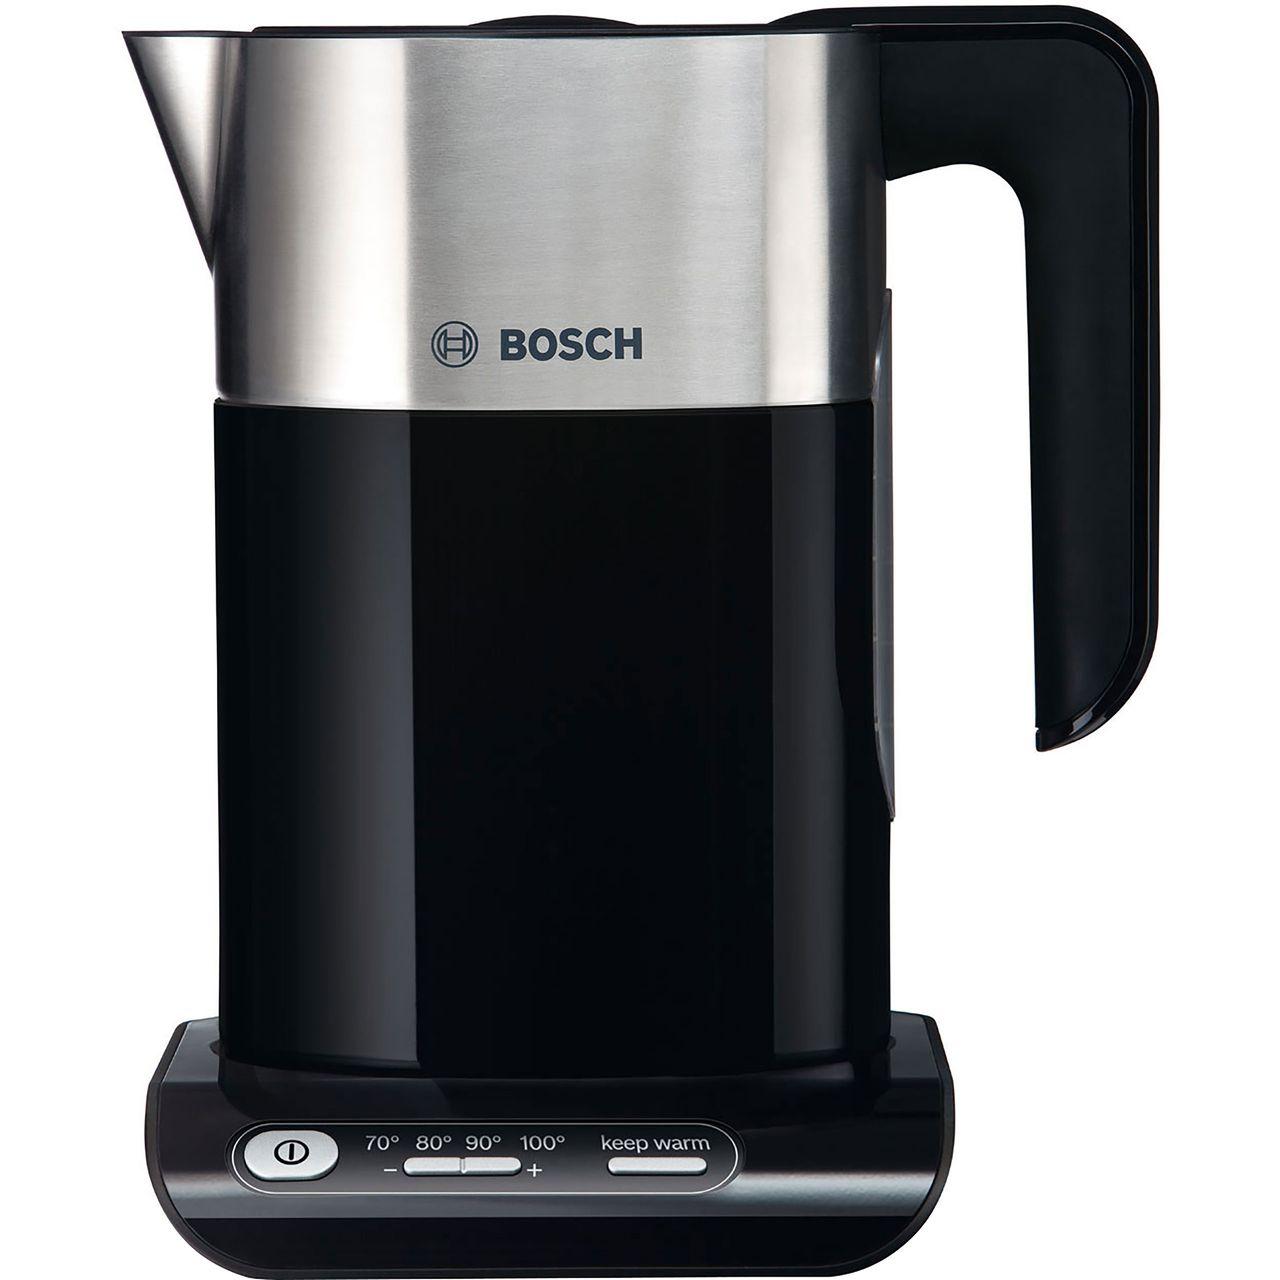 Bosch Kettle | 1.7 Litre | ao